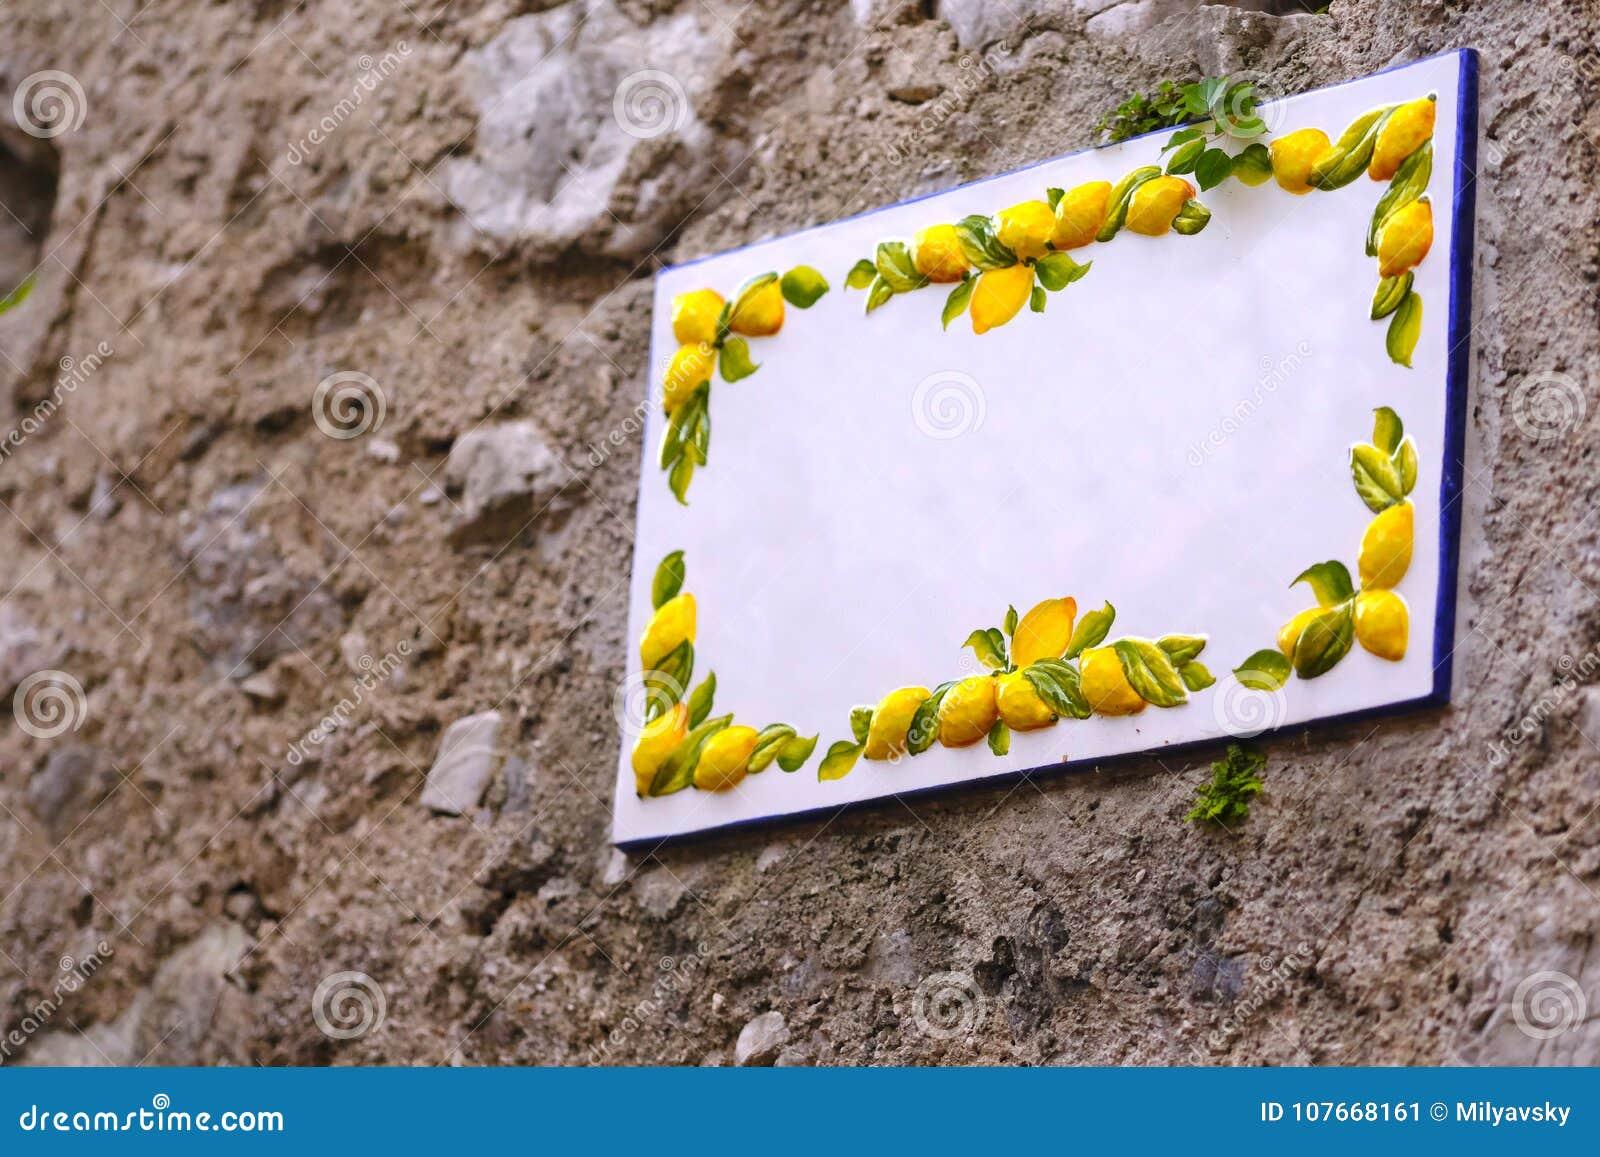 Placa de cerámica vacía, limones